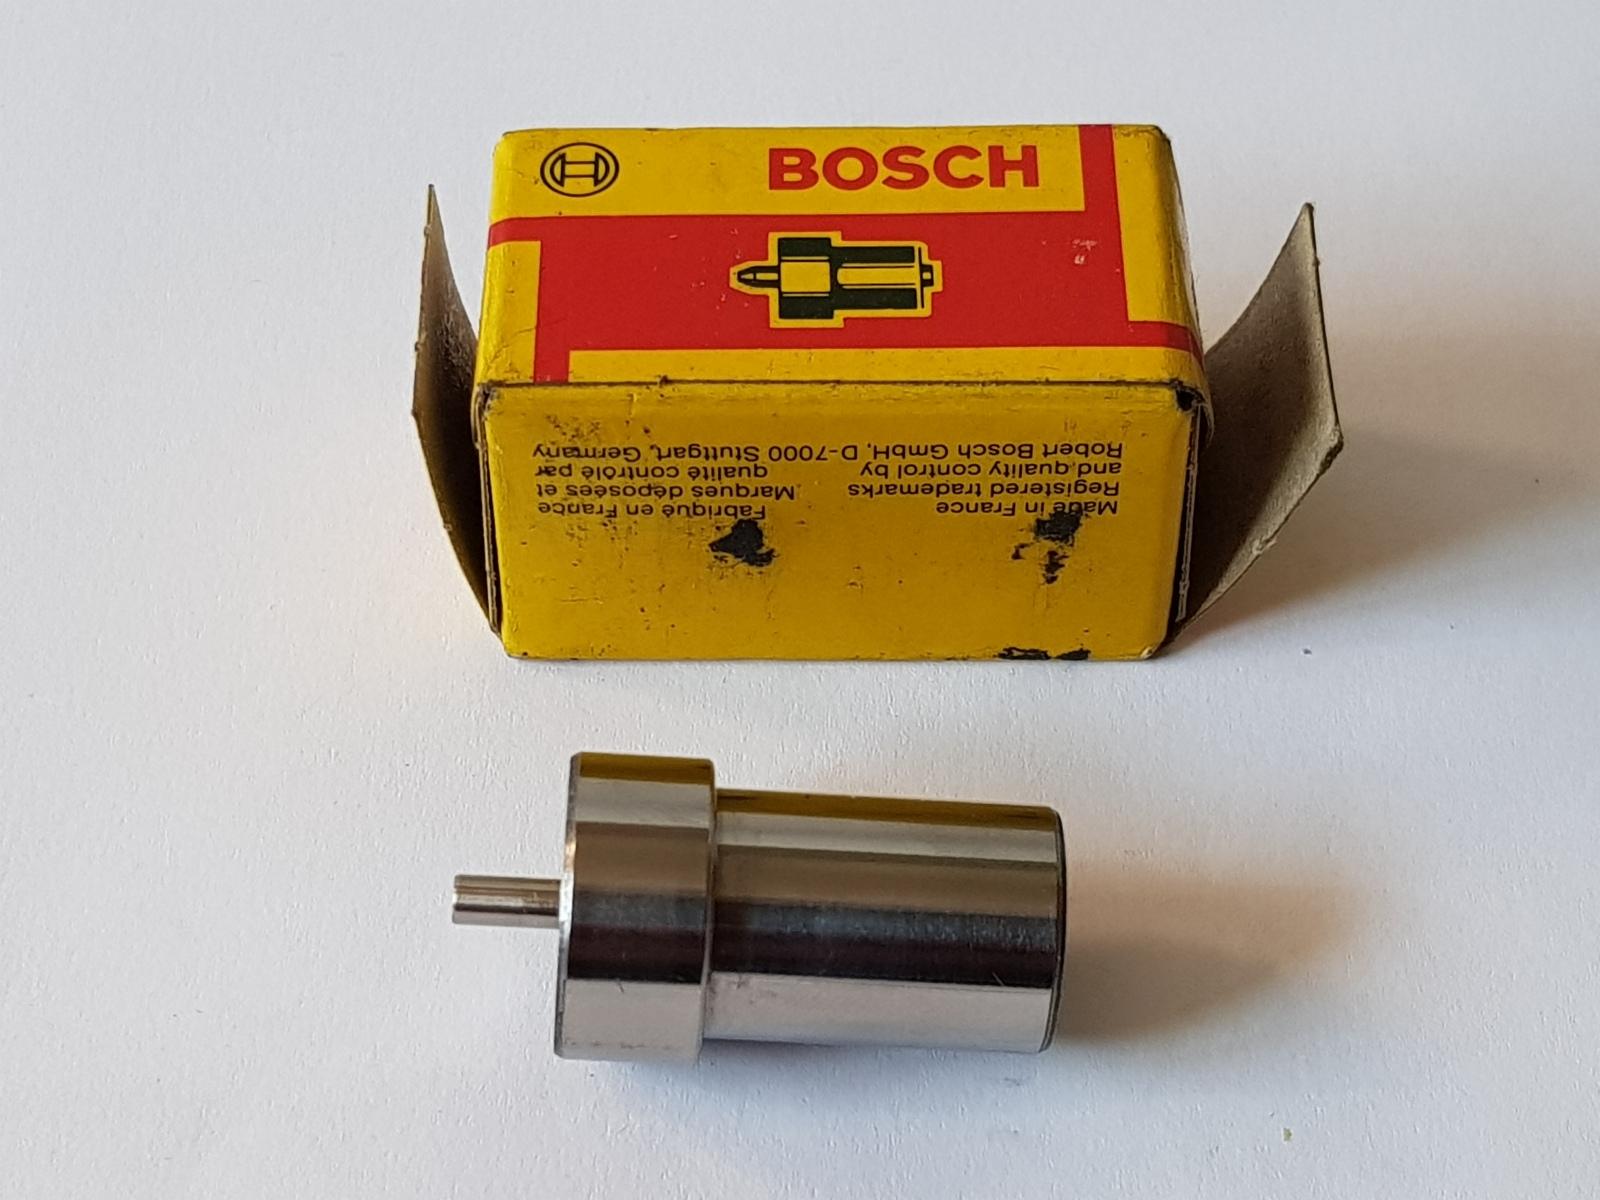 Bosch 0434250009 Einspritzdüse DN0SD211 Injektor Injecteur Iniettore